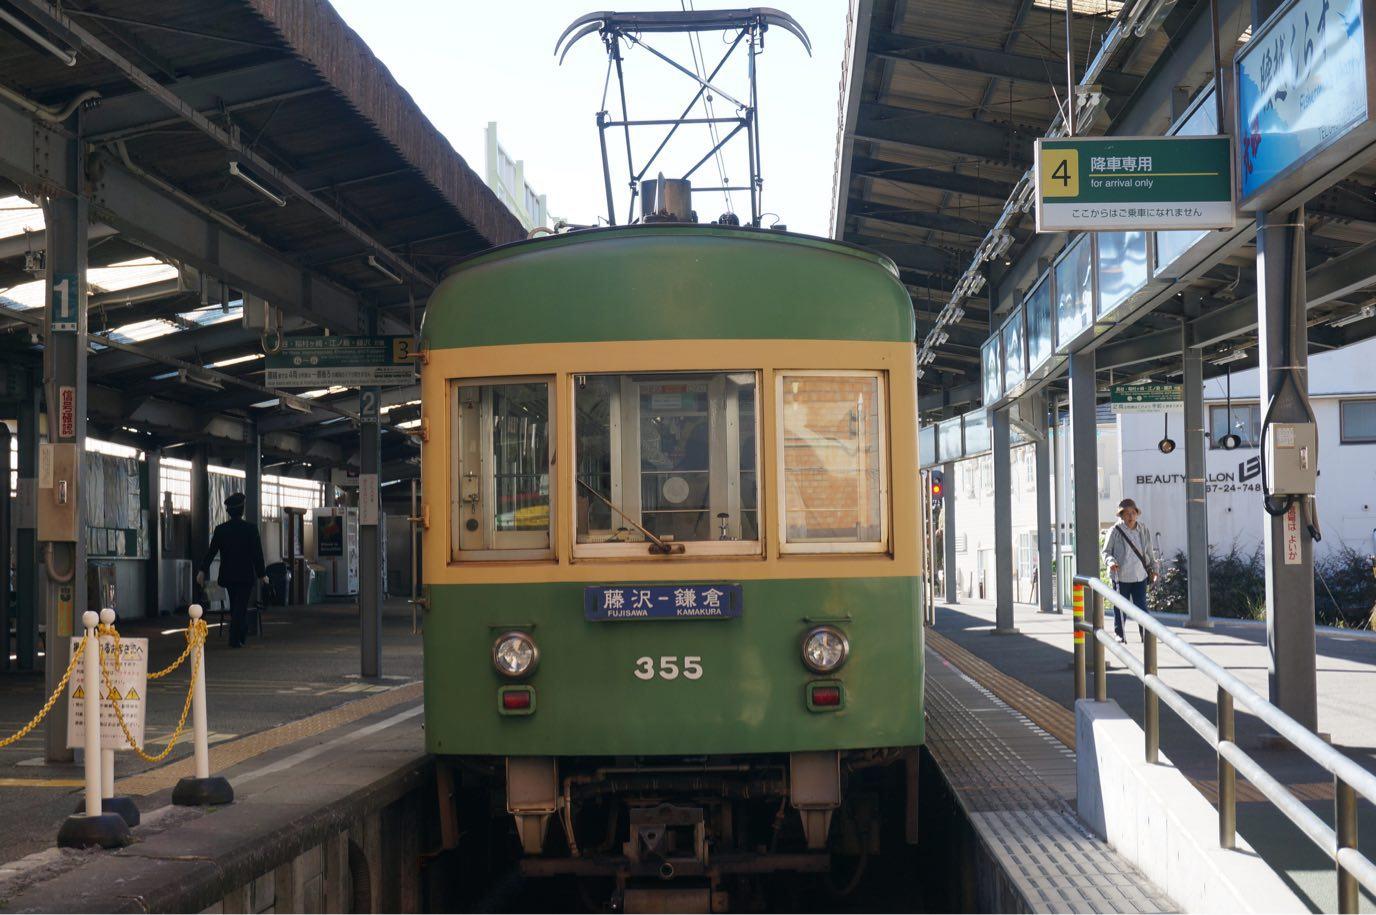 小田急沿線から鎌倉に行くなら「江の島・鎌倉フリーパス」が安くて便利!江ノ電の1日乗車券が付いて新宿発往復1,470円で行けるぞ!